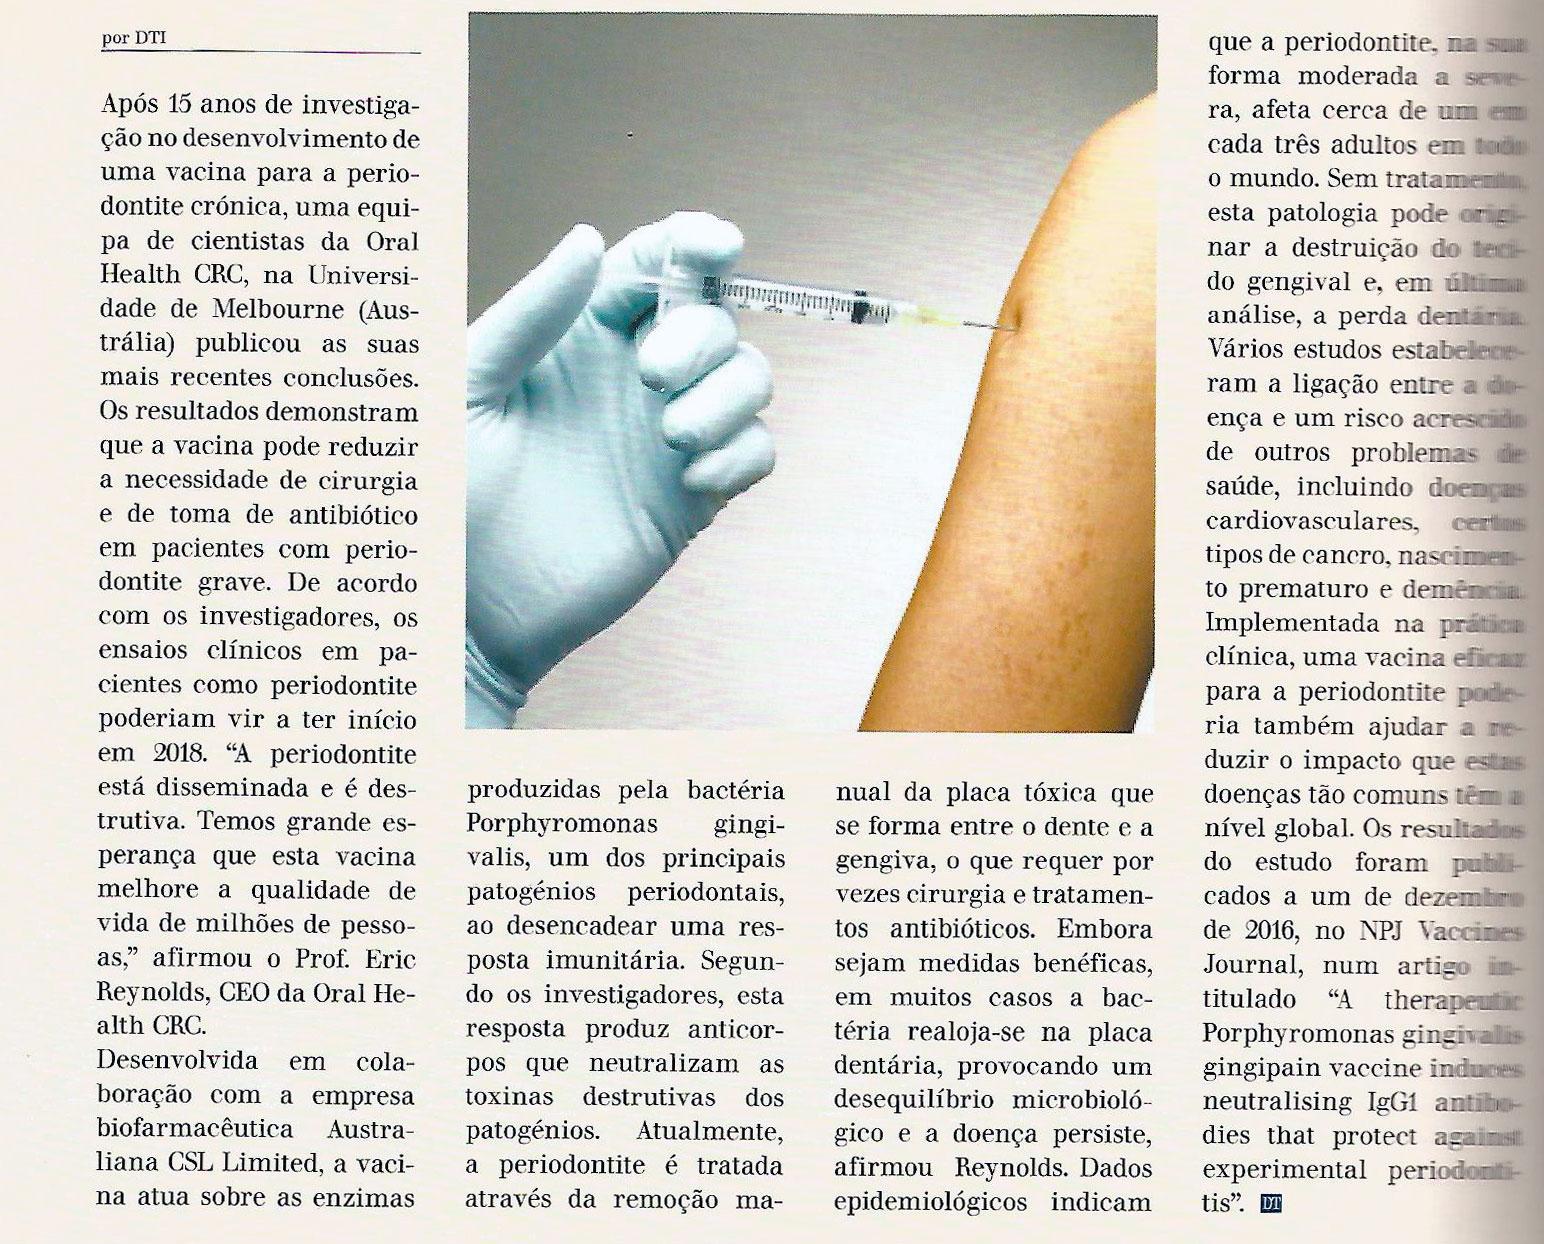 Artigo da Dental Tribune sobre a Vacina dentária contra a periodontite crónica